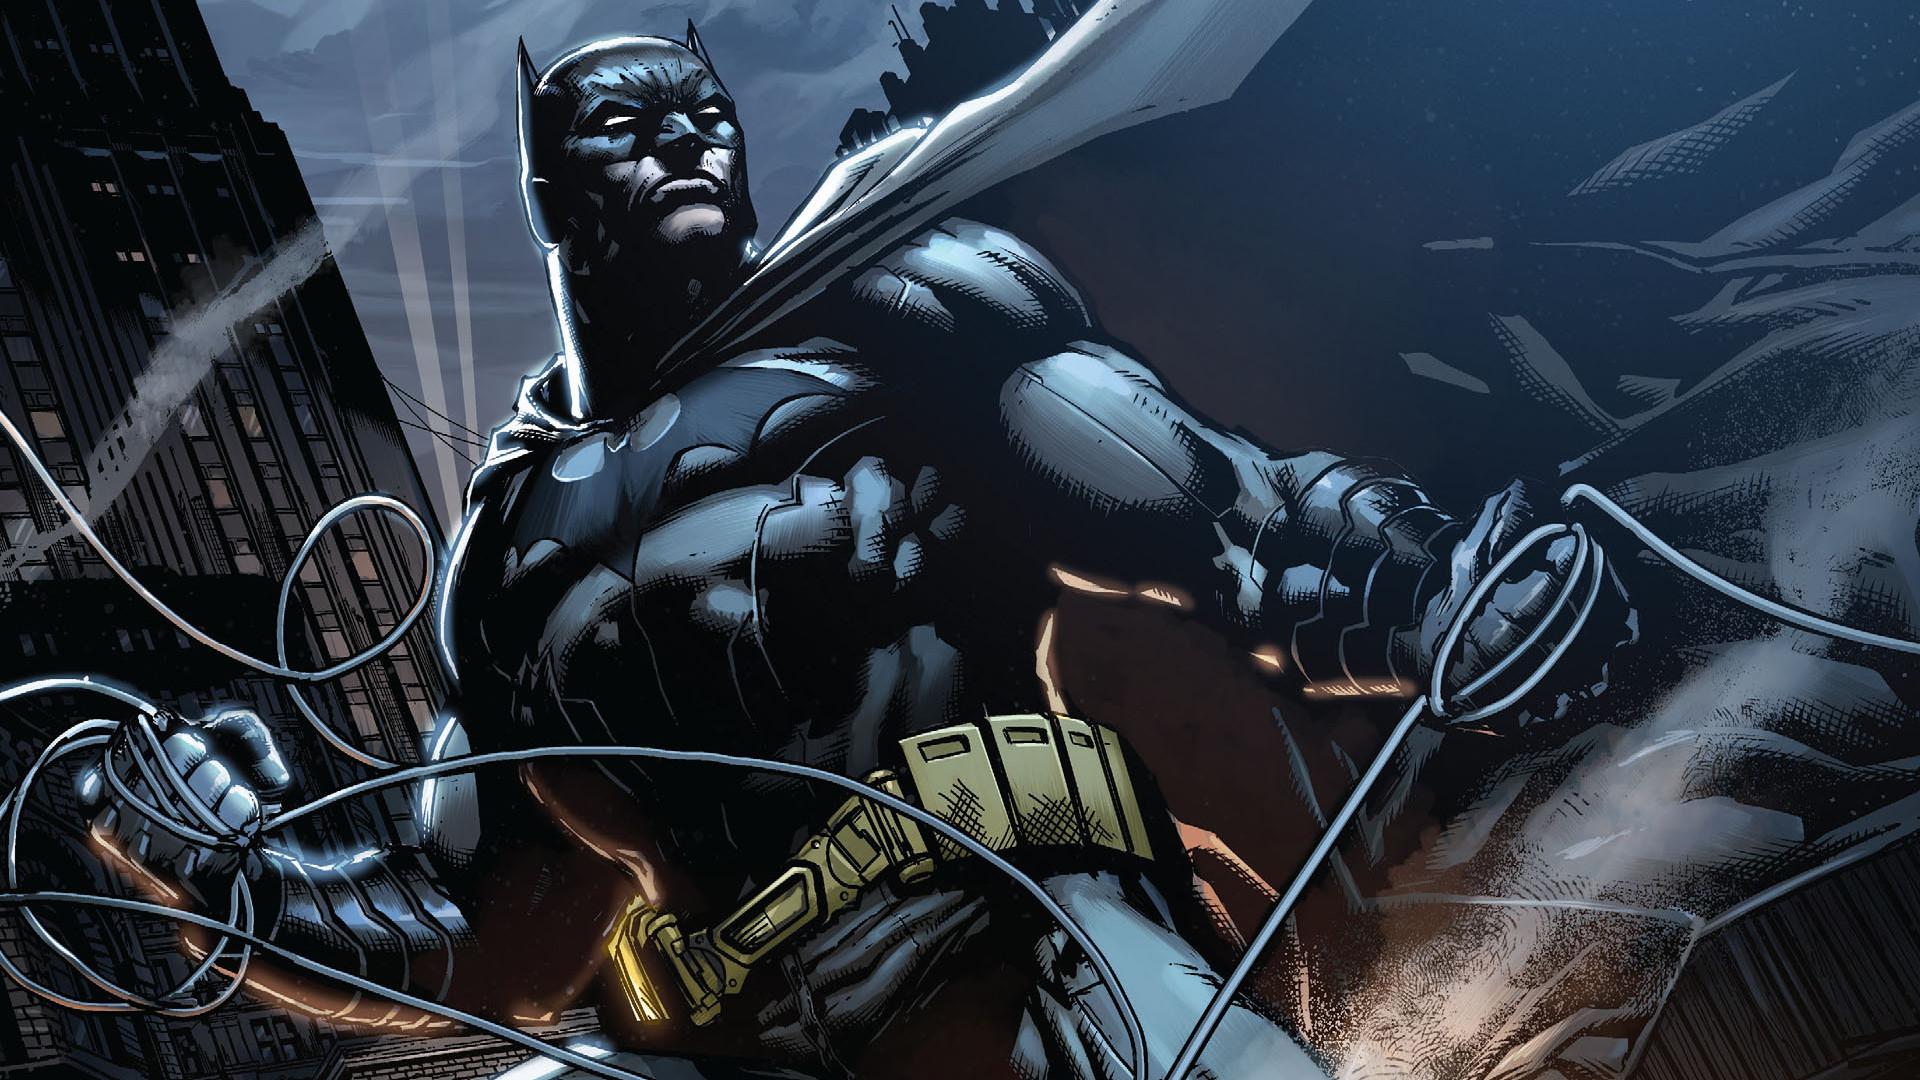 Res: 1920x1080, Batman Comic Wallpaper Phone